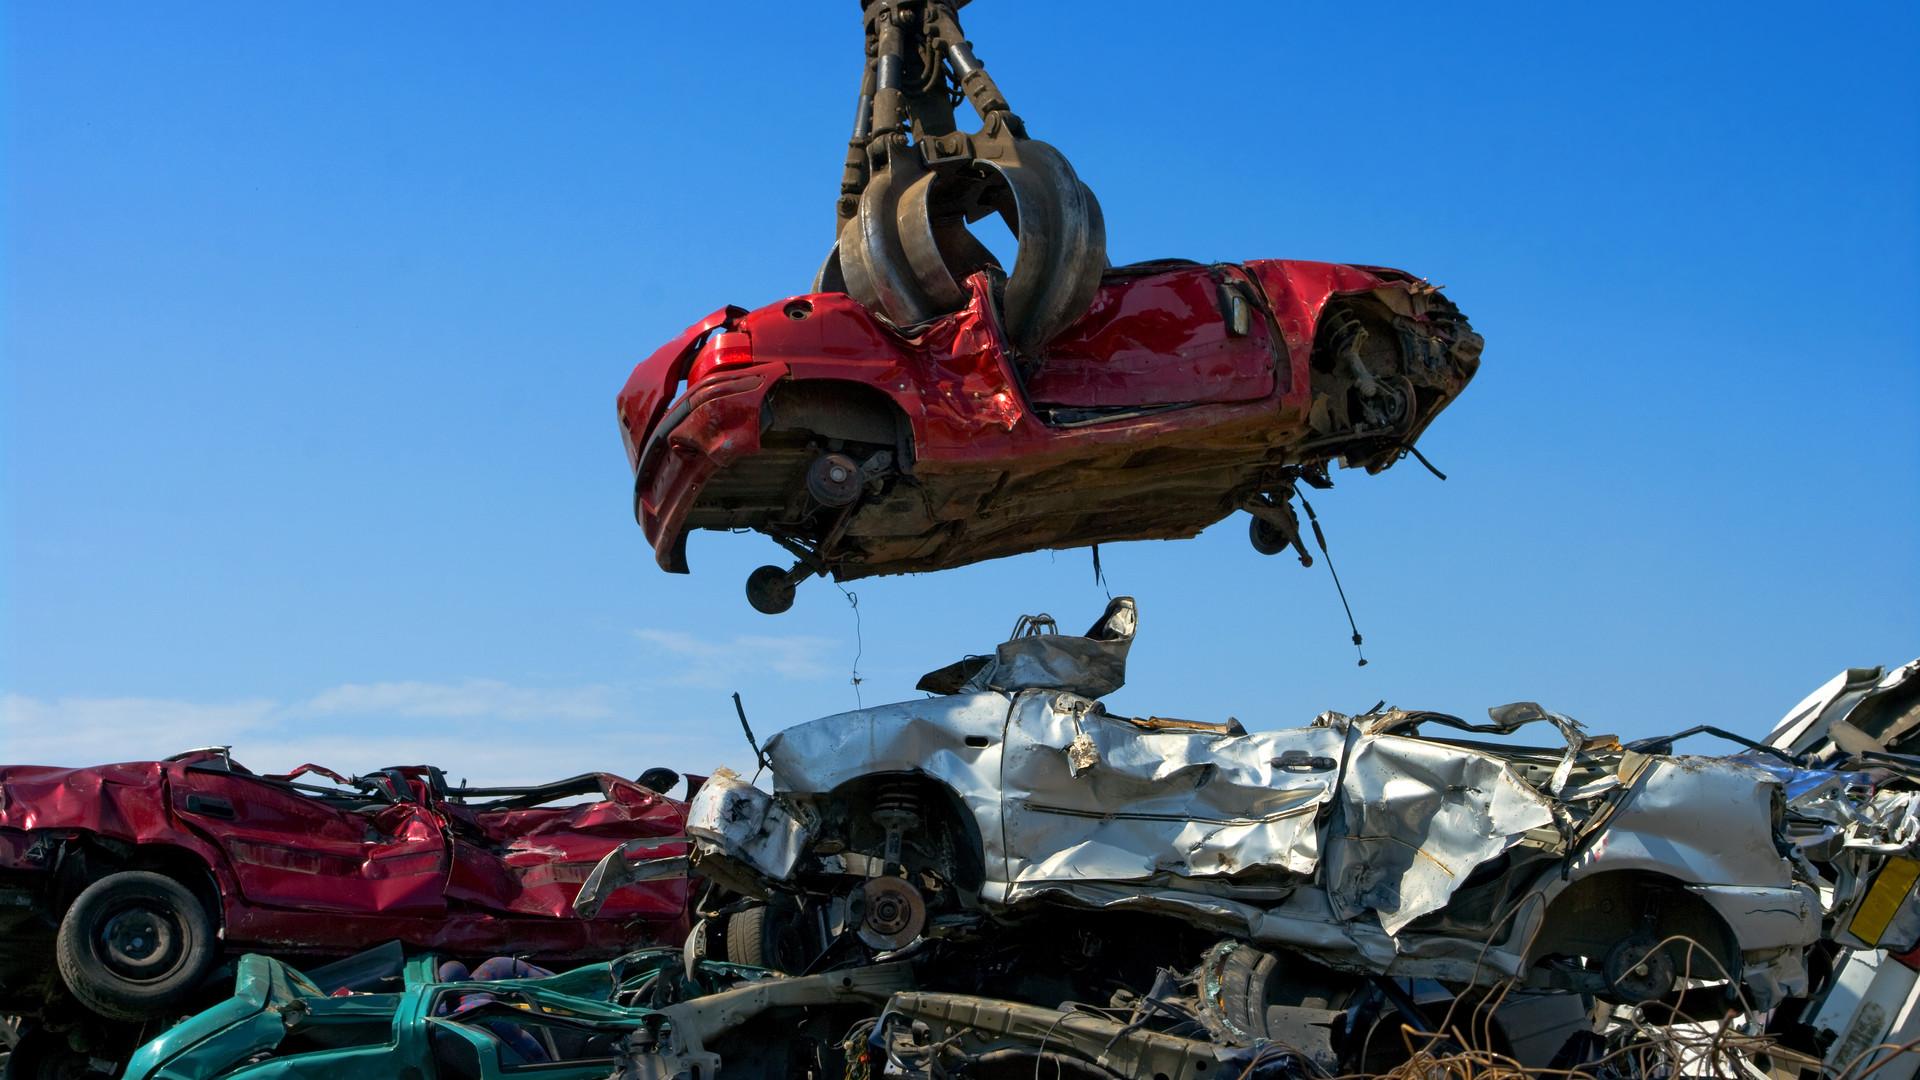 Crane picking up a car in a junkyard.jpg